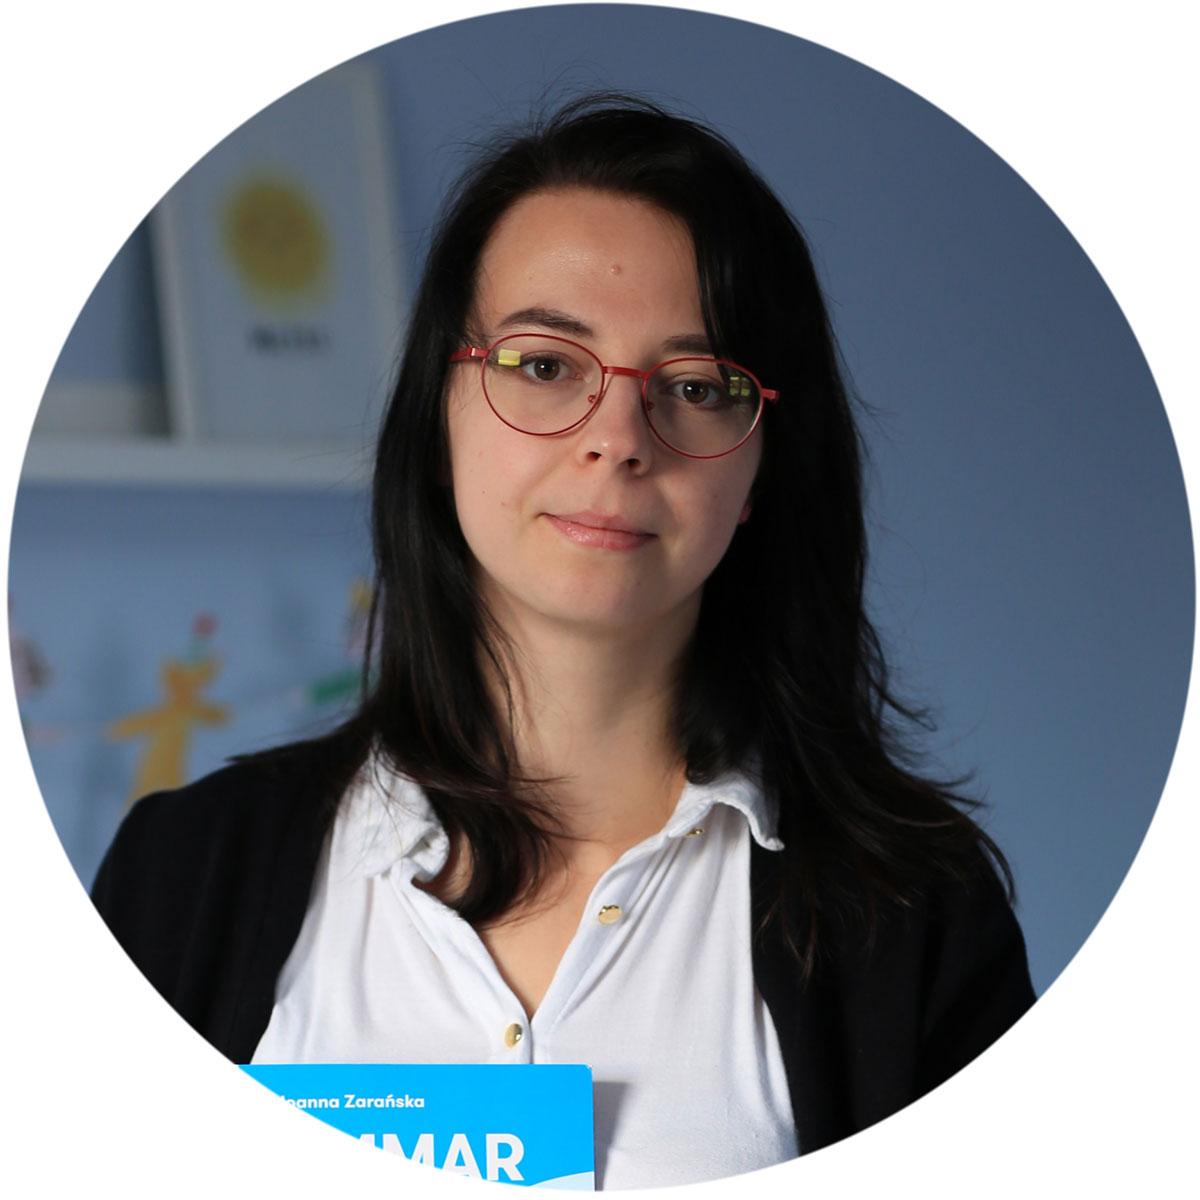 Karolina Chojnacka